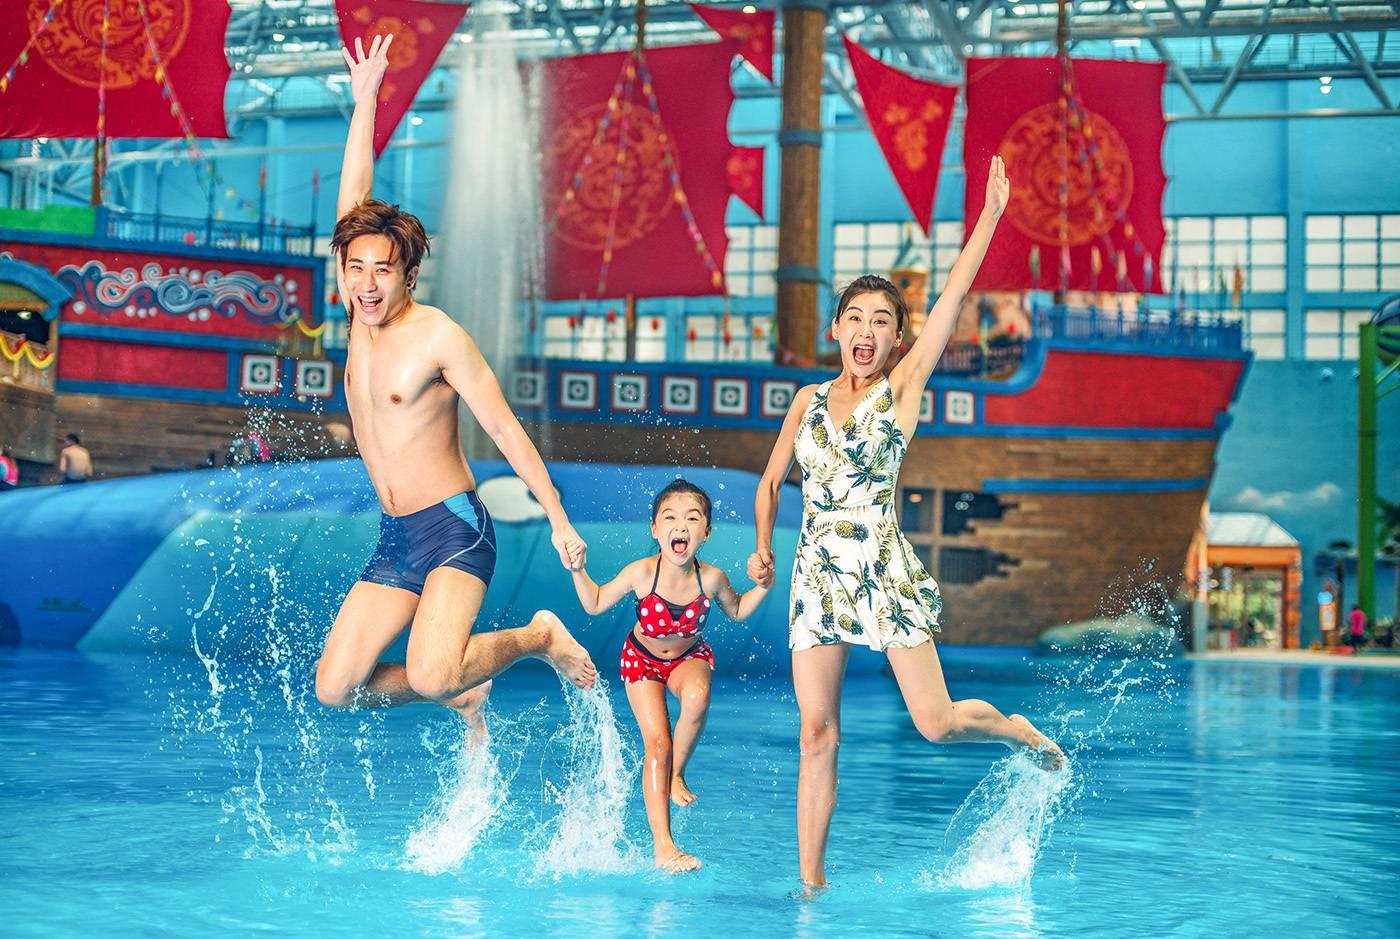 【广州花都】暑假夜专场!139元秒杀融创水世界夜场成人门票1张,尽享清凉暑假